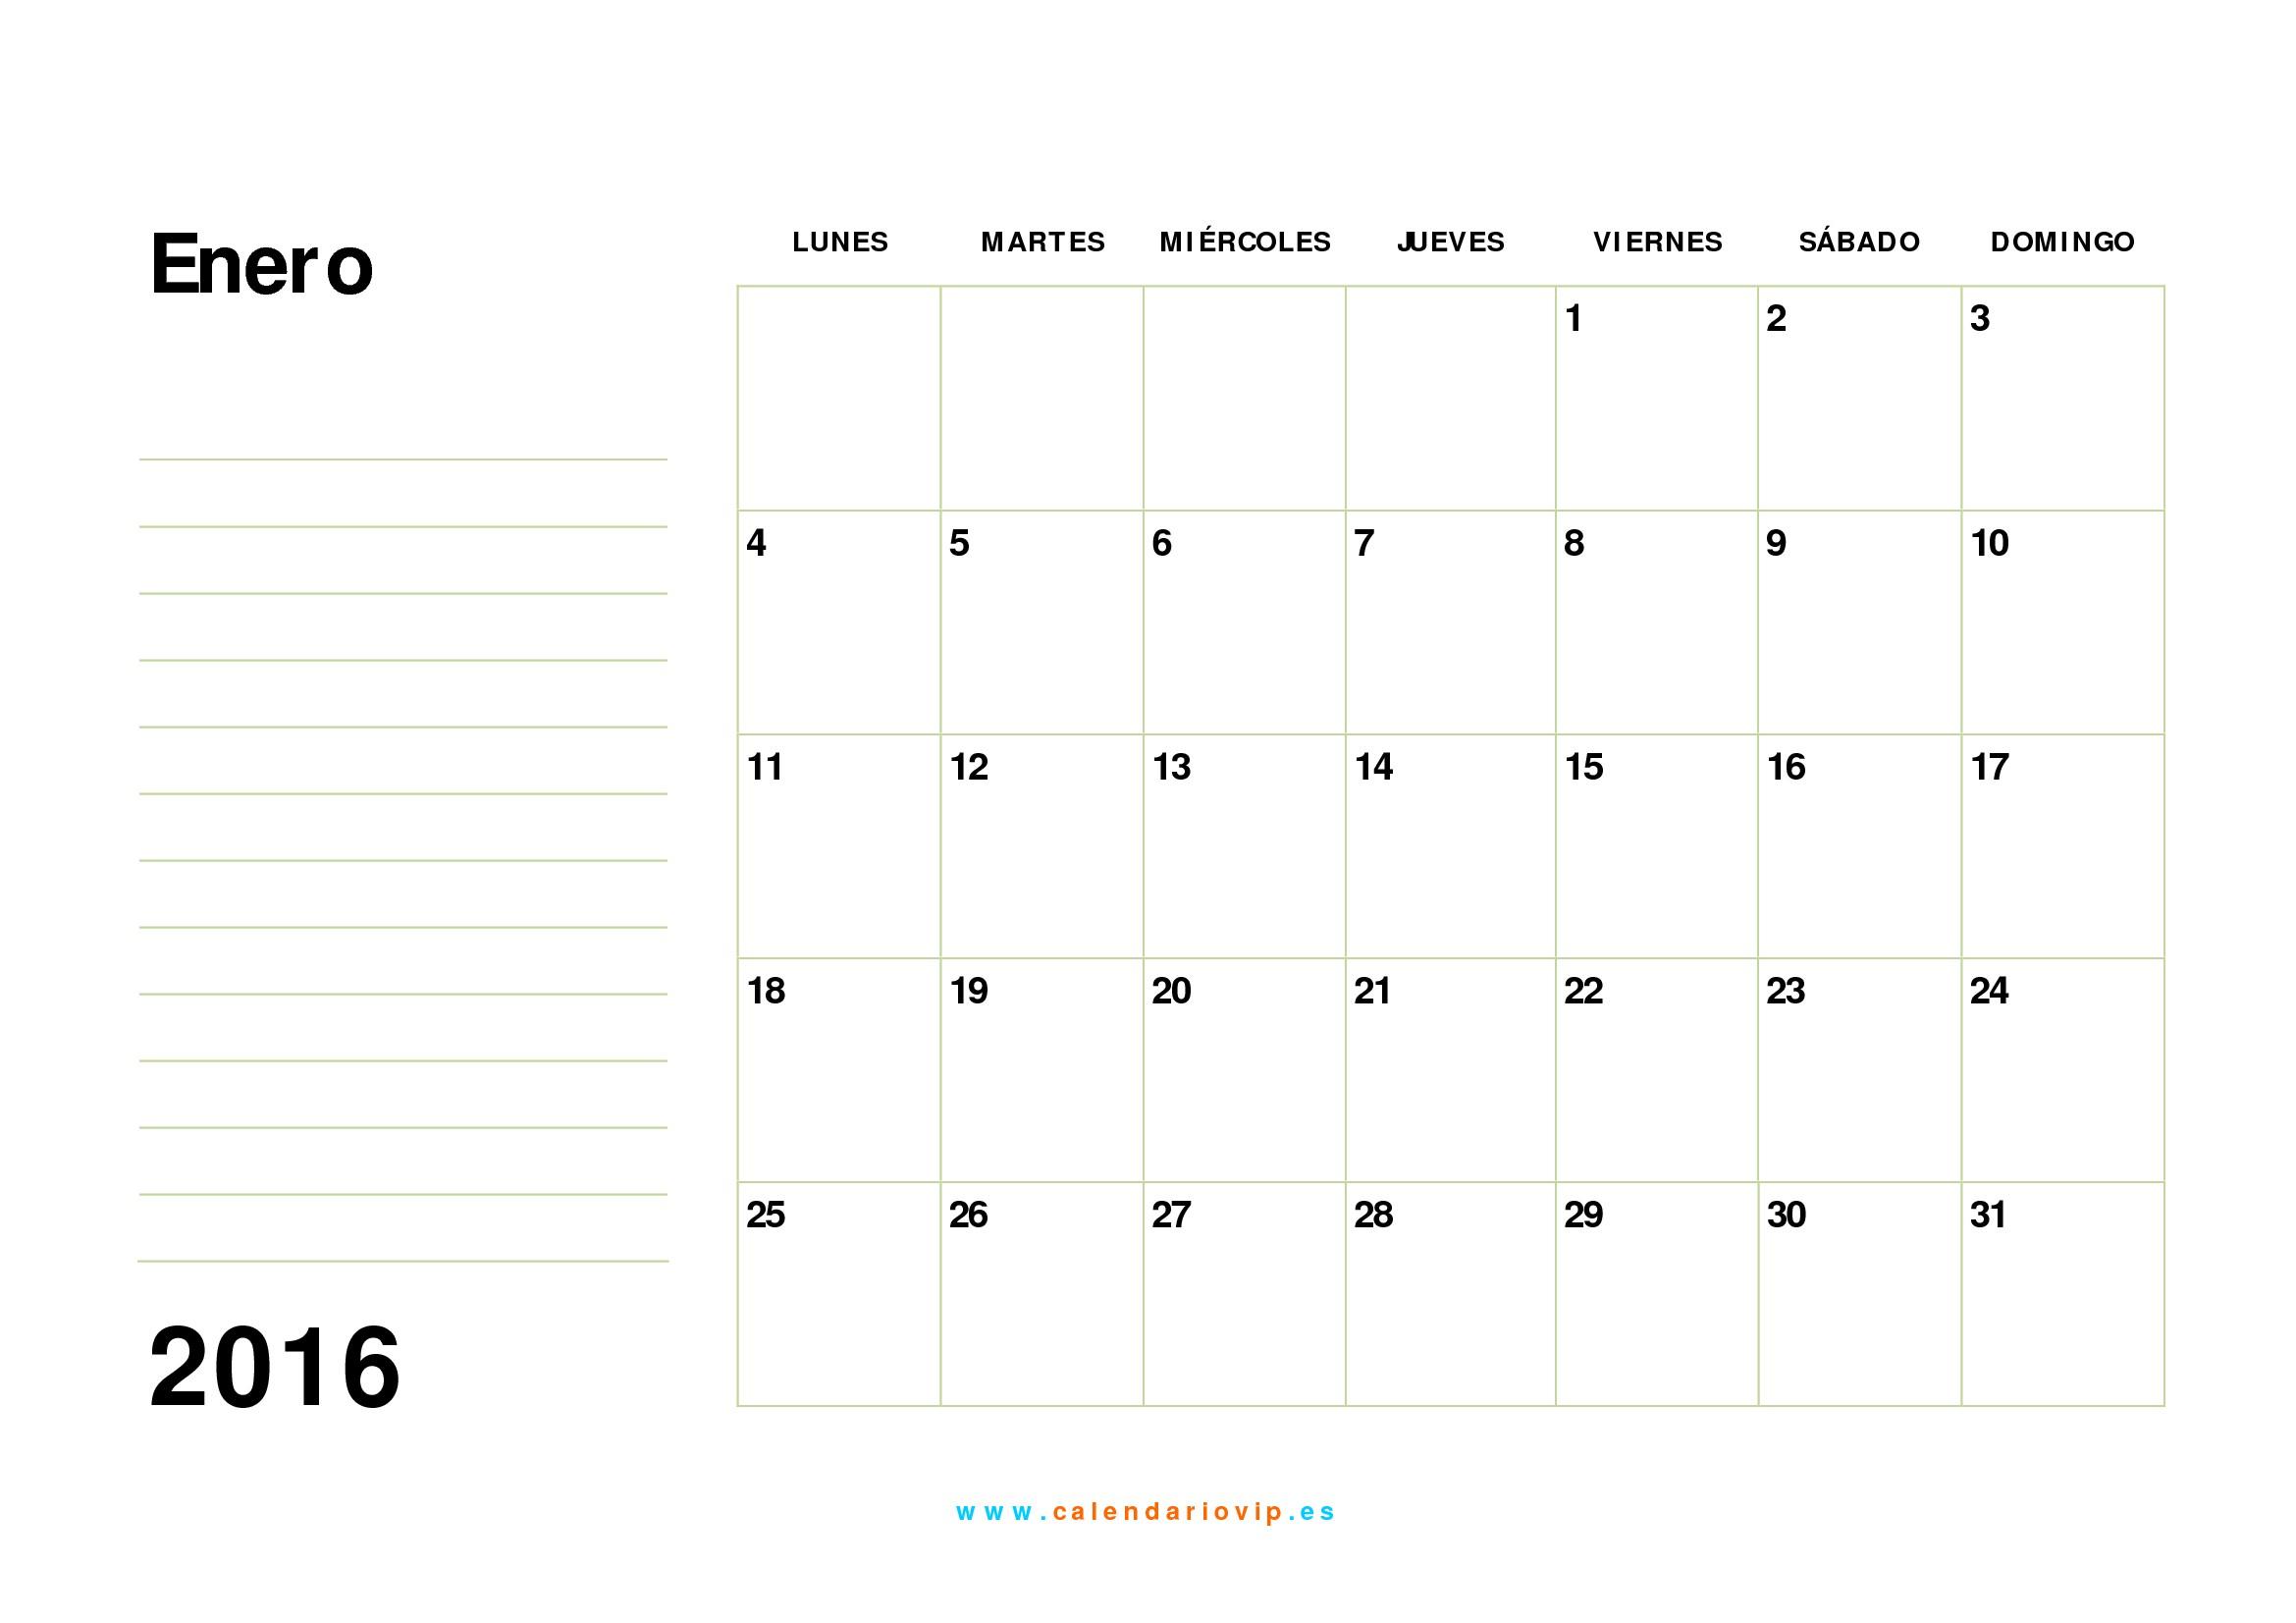 Calendario Mensual 2019 En Word Para Imprimir Más Actual Calendario 2016 Para Imprimir Gratis Of Calendario Mensual 2019 En Word Para Imprimir Más Recientes Calendario Laboral Sevilla 2019